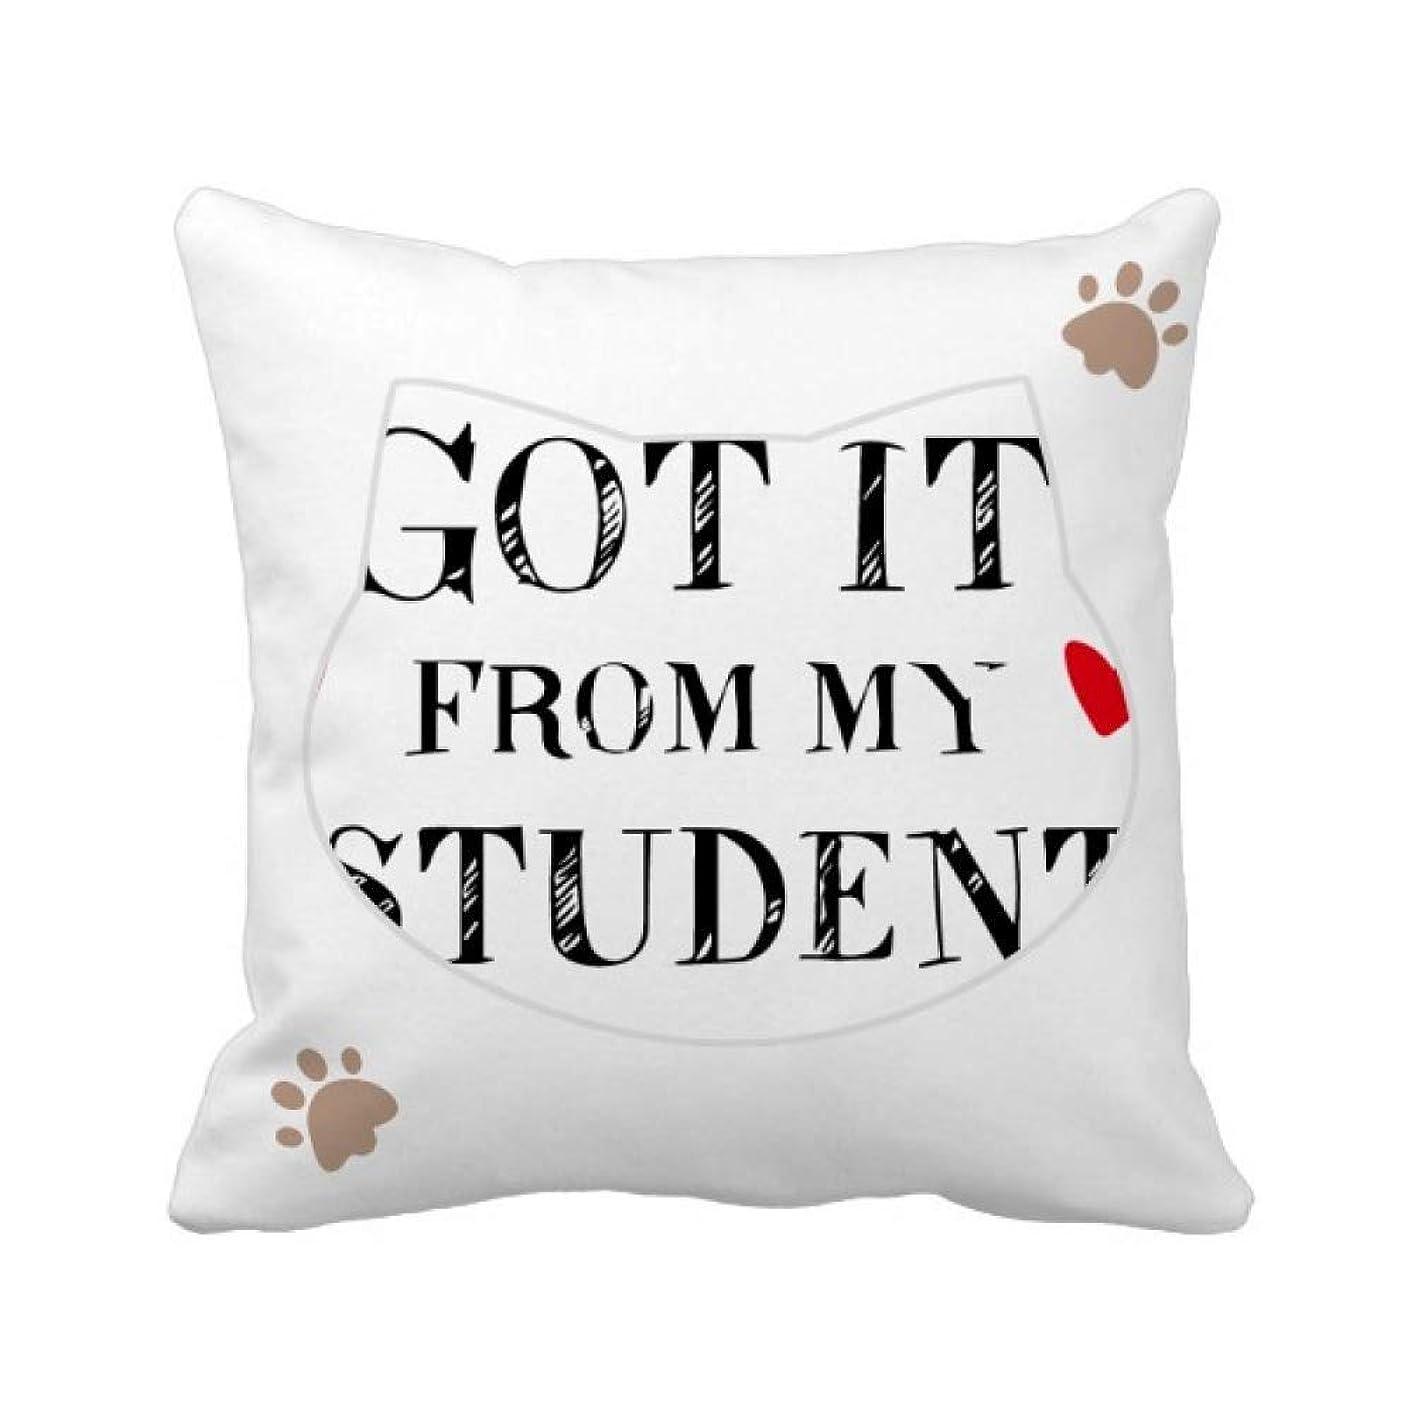 雇用暗くする車両それは私の学生の先生から引用しました 枕カバーを放り投げる猫広場 50cm x 50cm